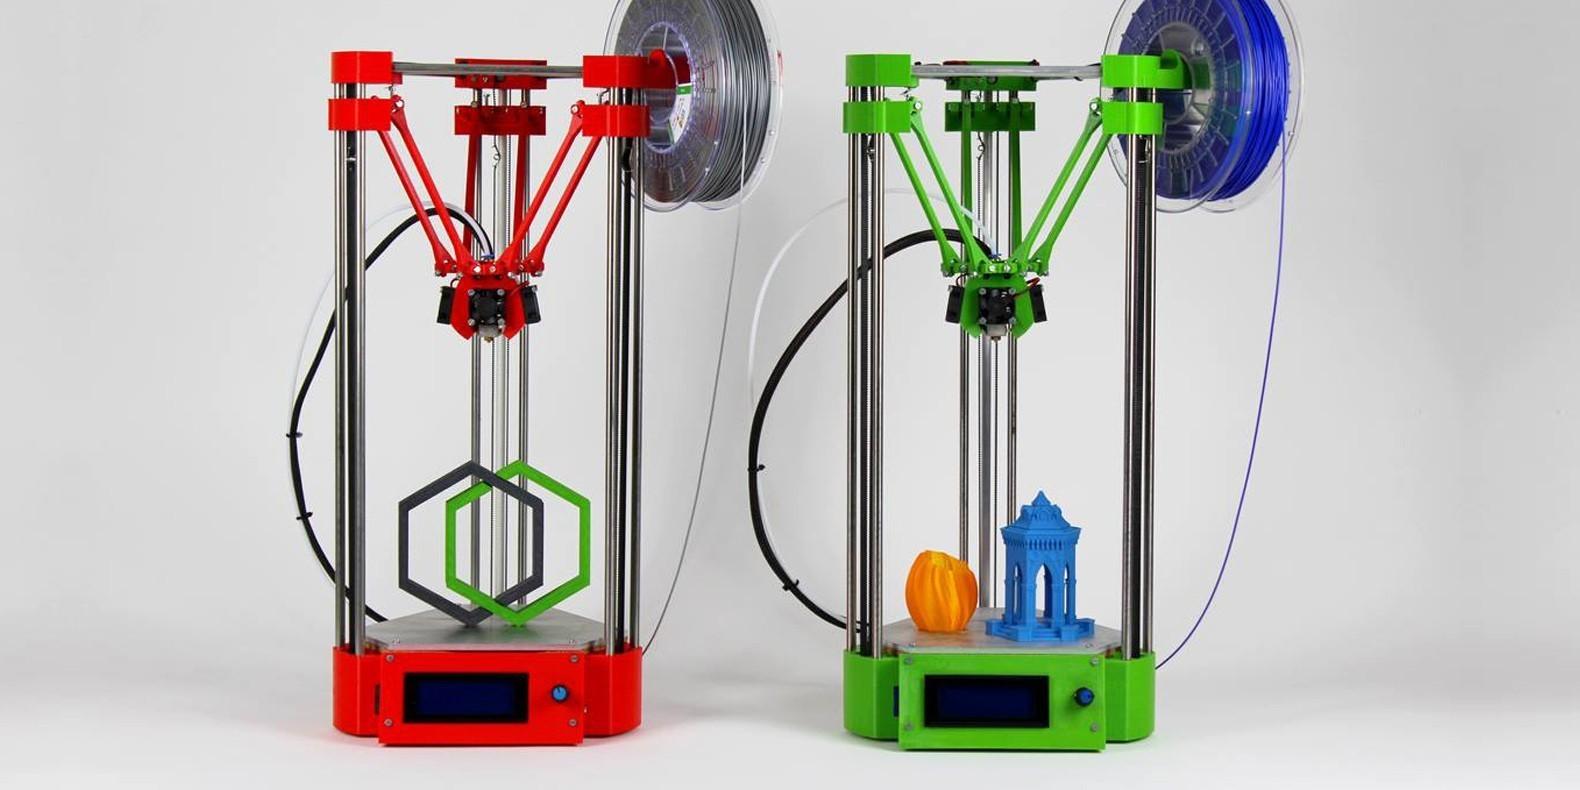 He aquí una selección de los mejores modelos 3D para imprimir su propia impresora 3D